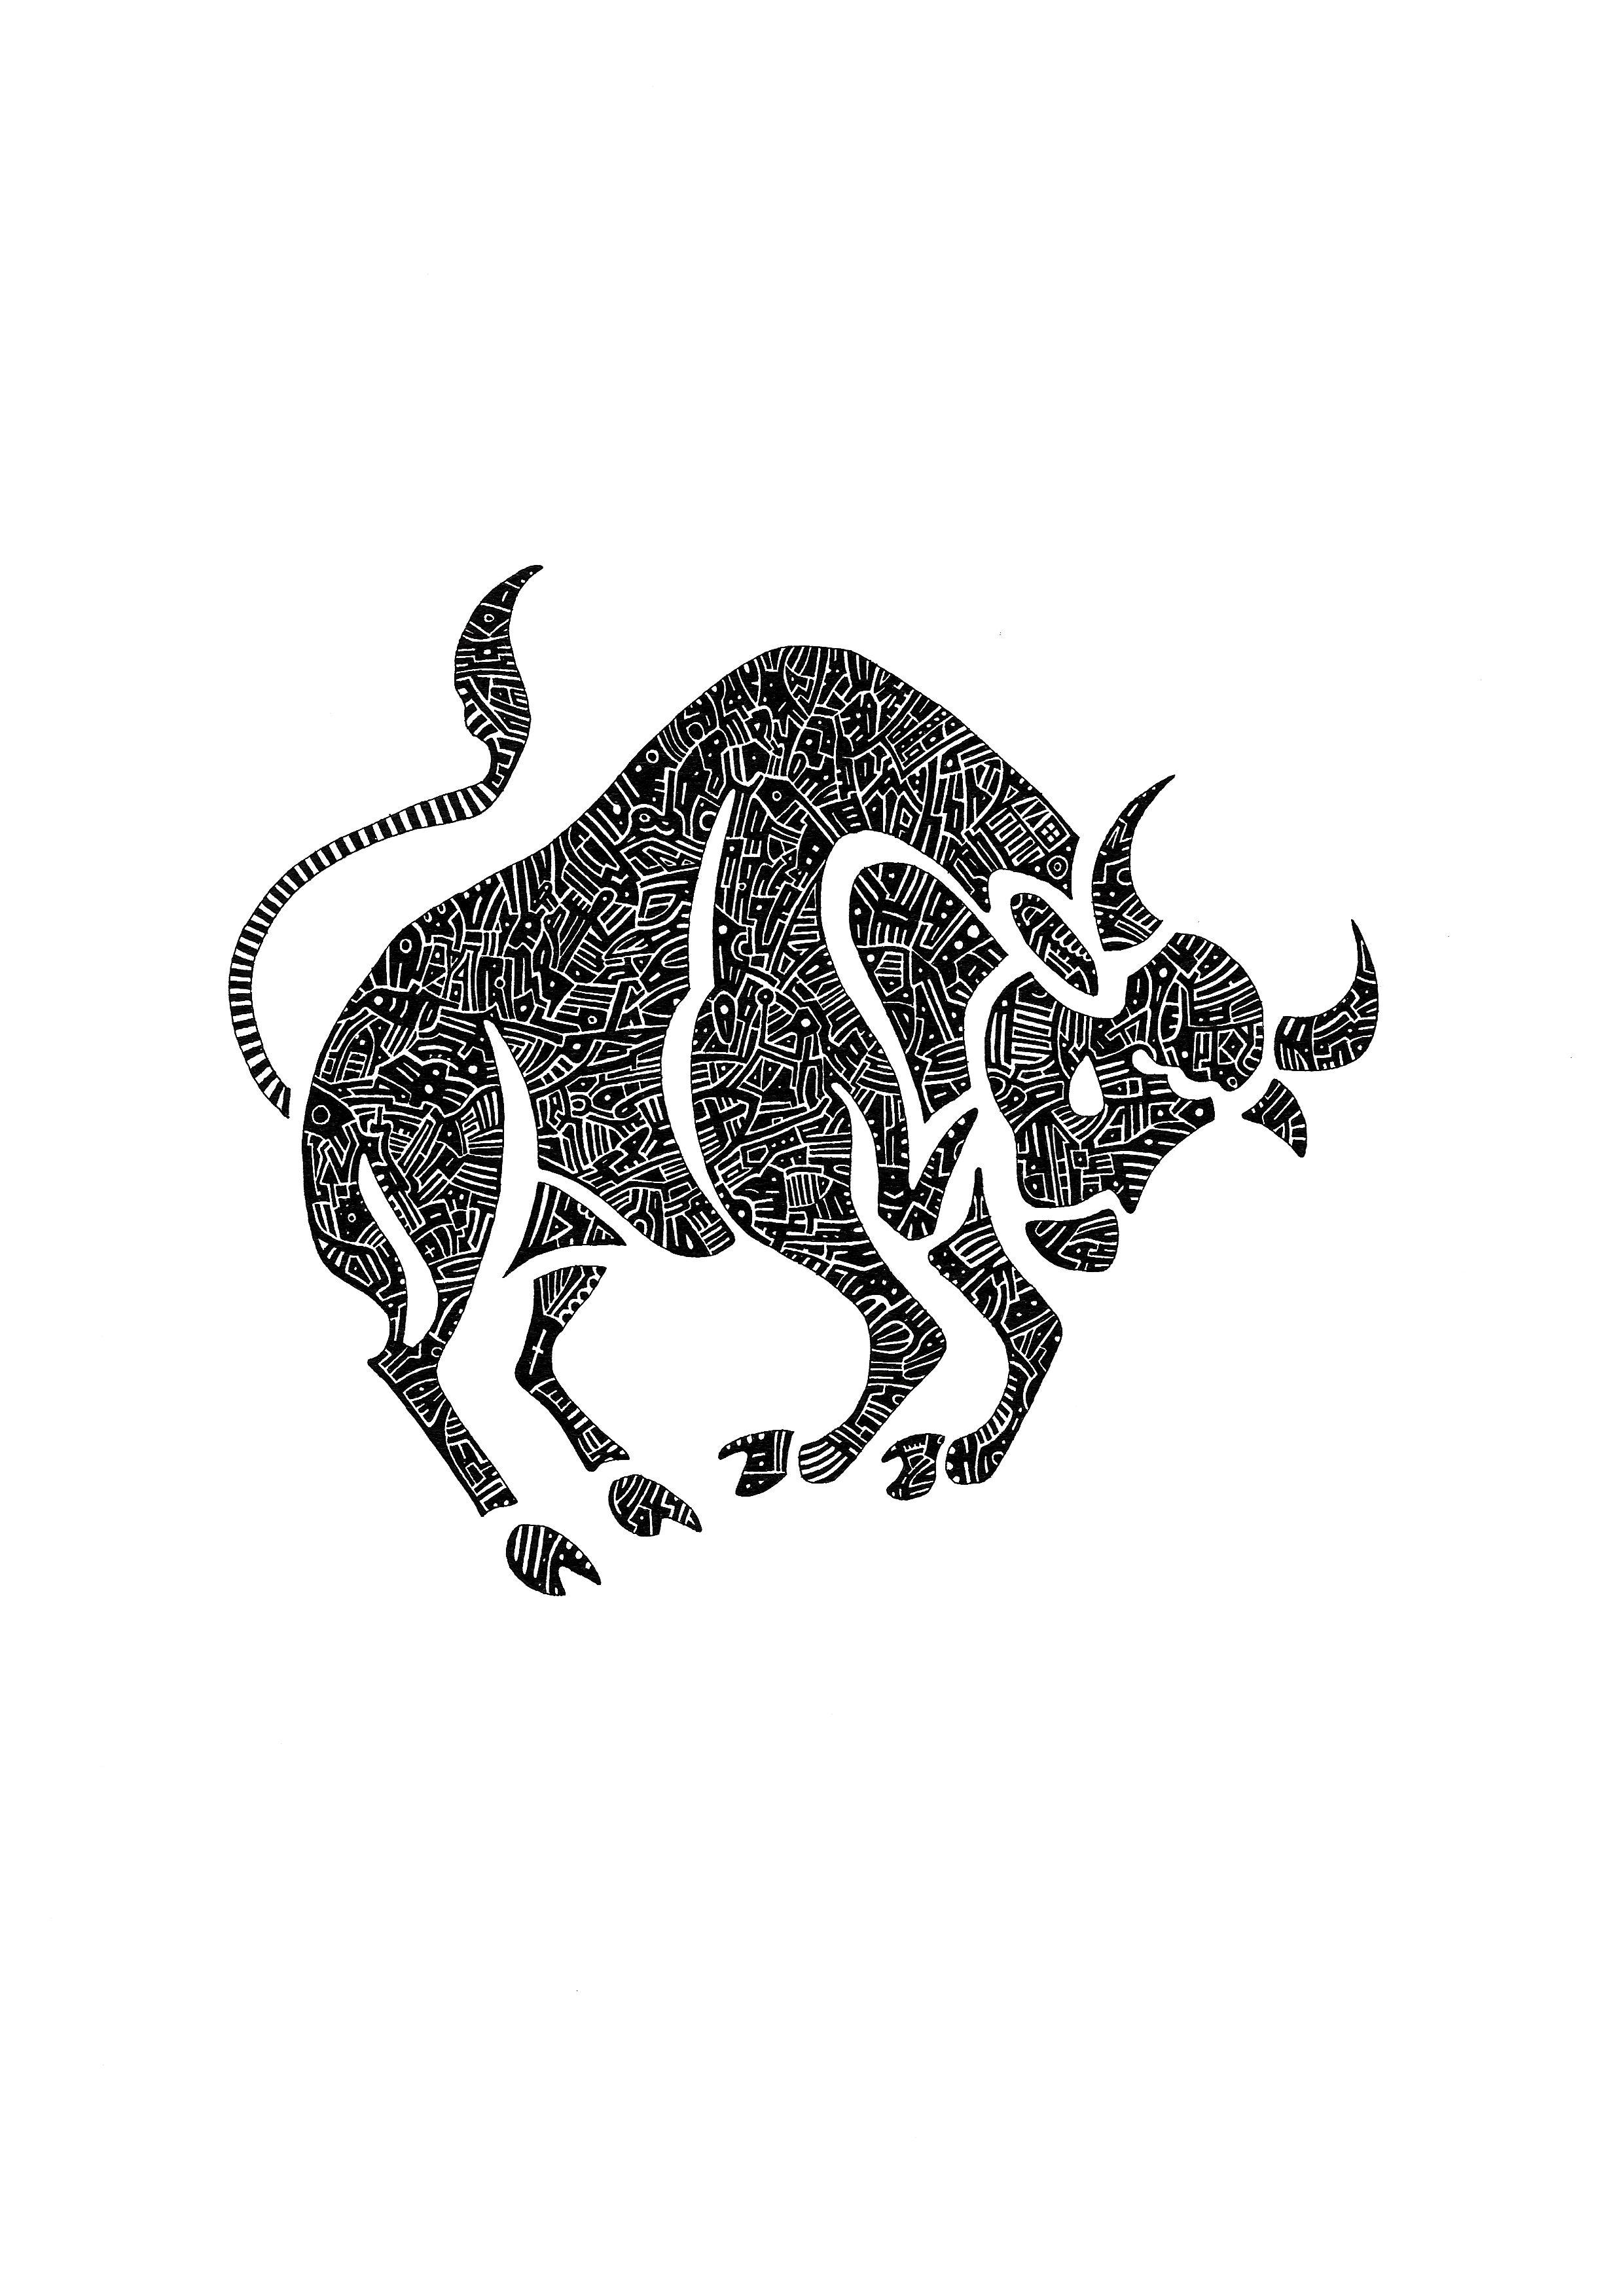 Taureau mes dessins taureau langage graphique e dessin - Apprendre a dessiner un bison ...